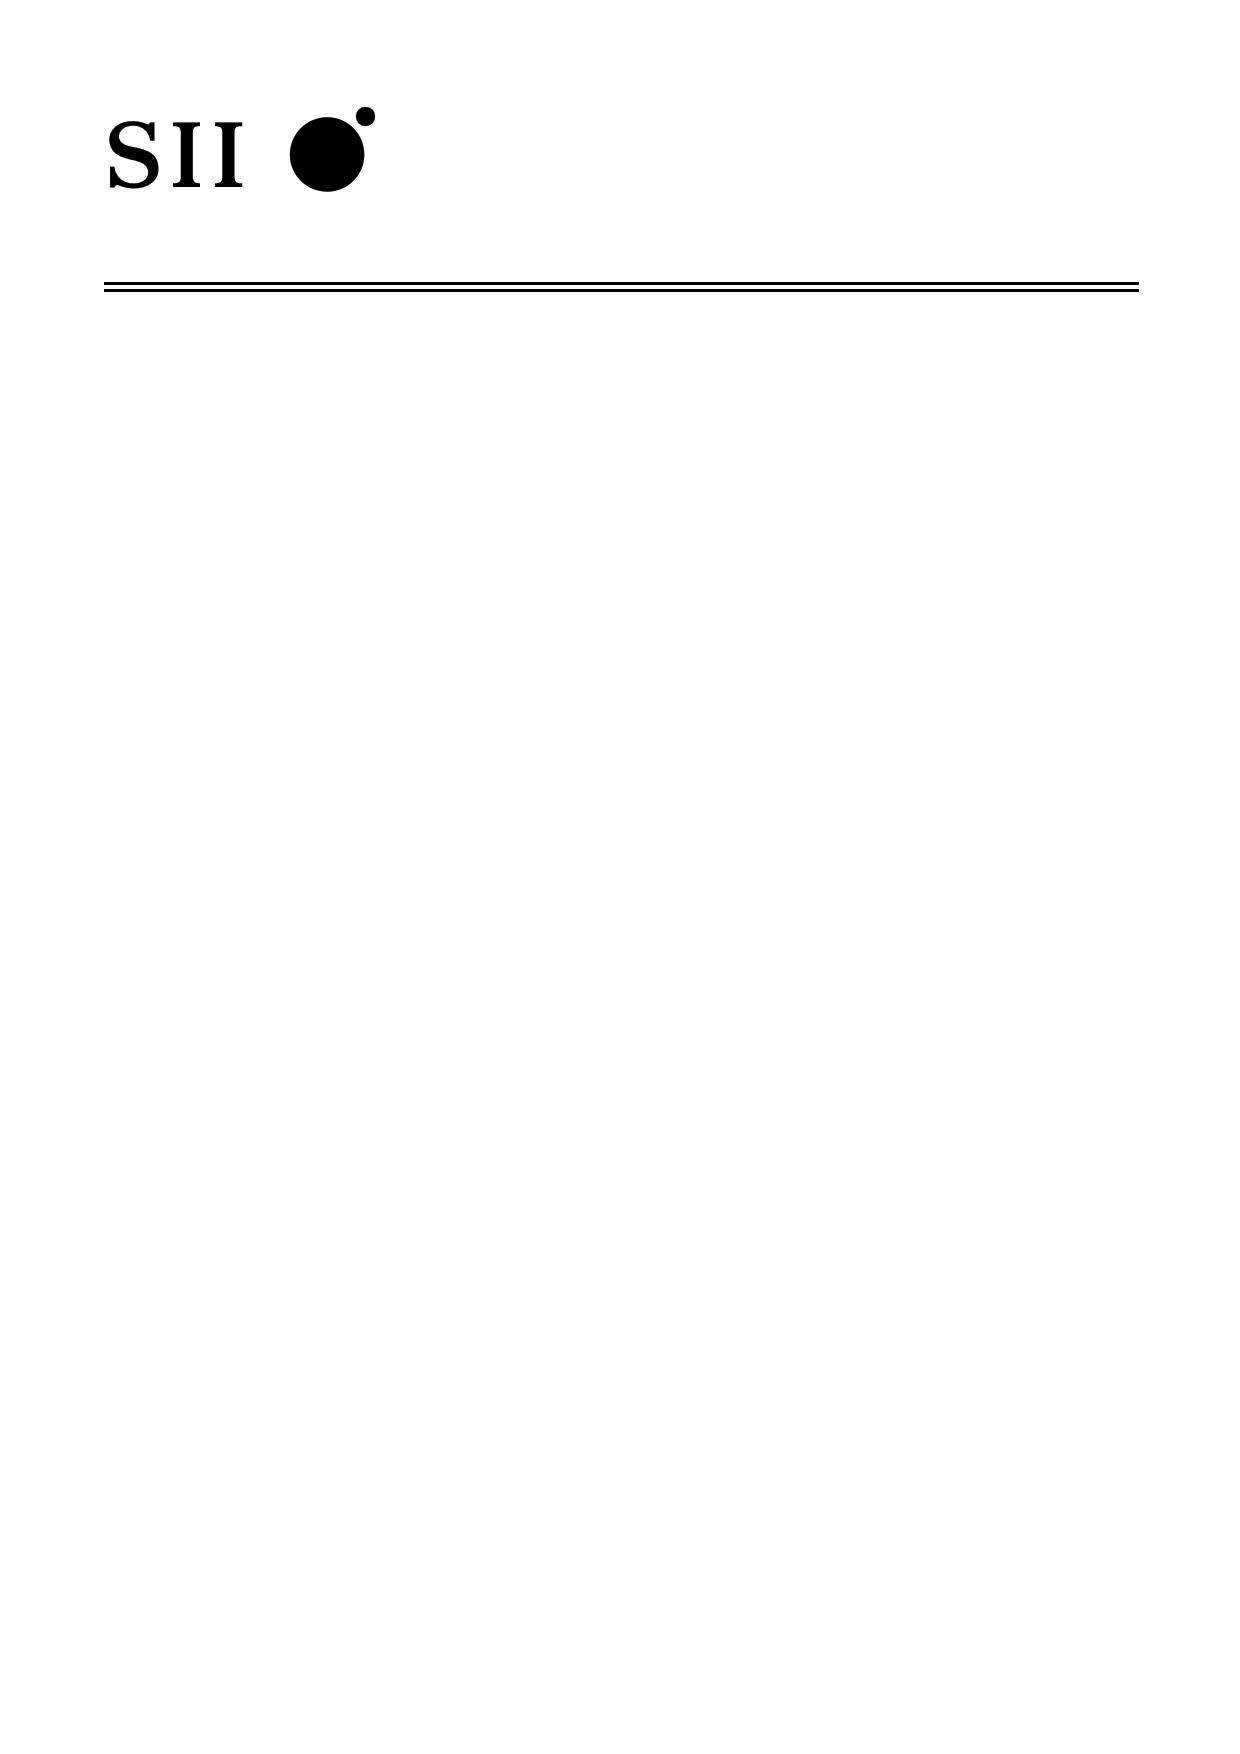 S-1112 دیتاشیت PDF